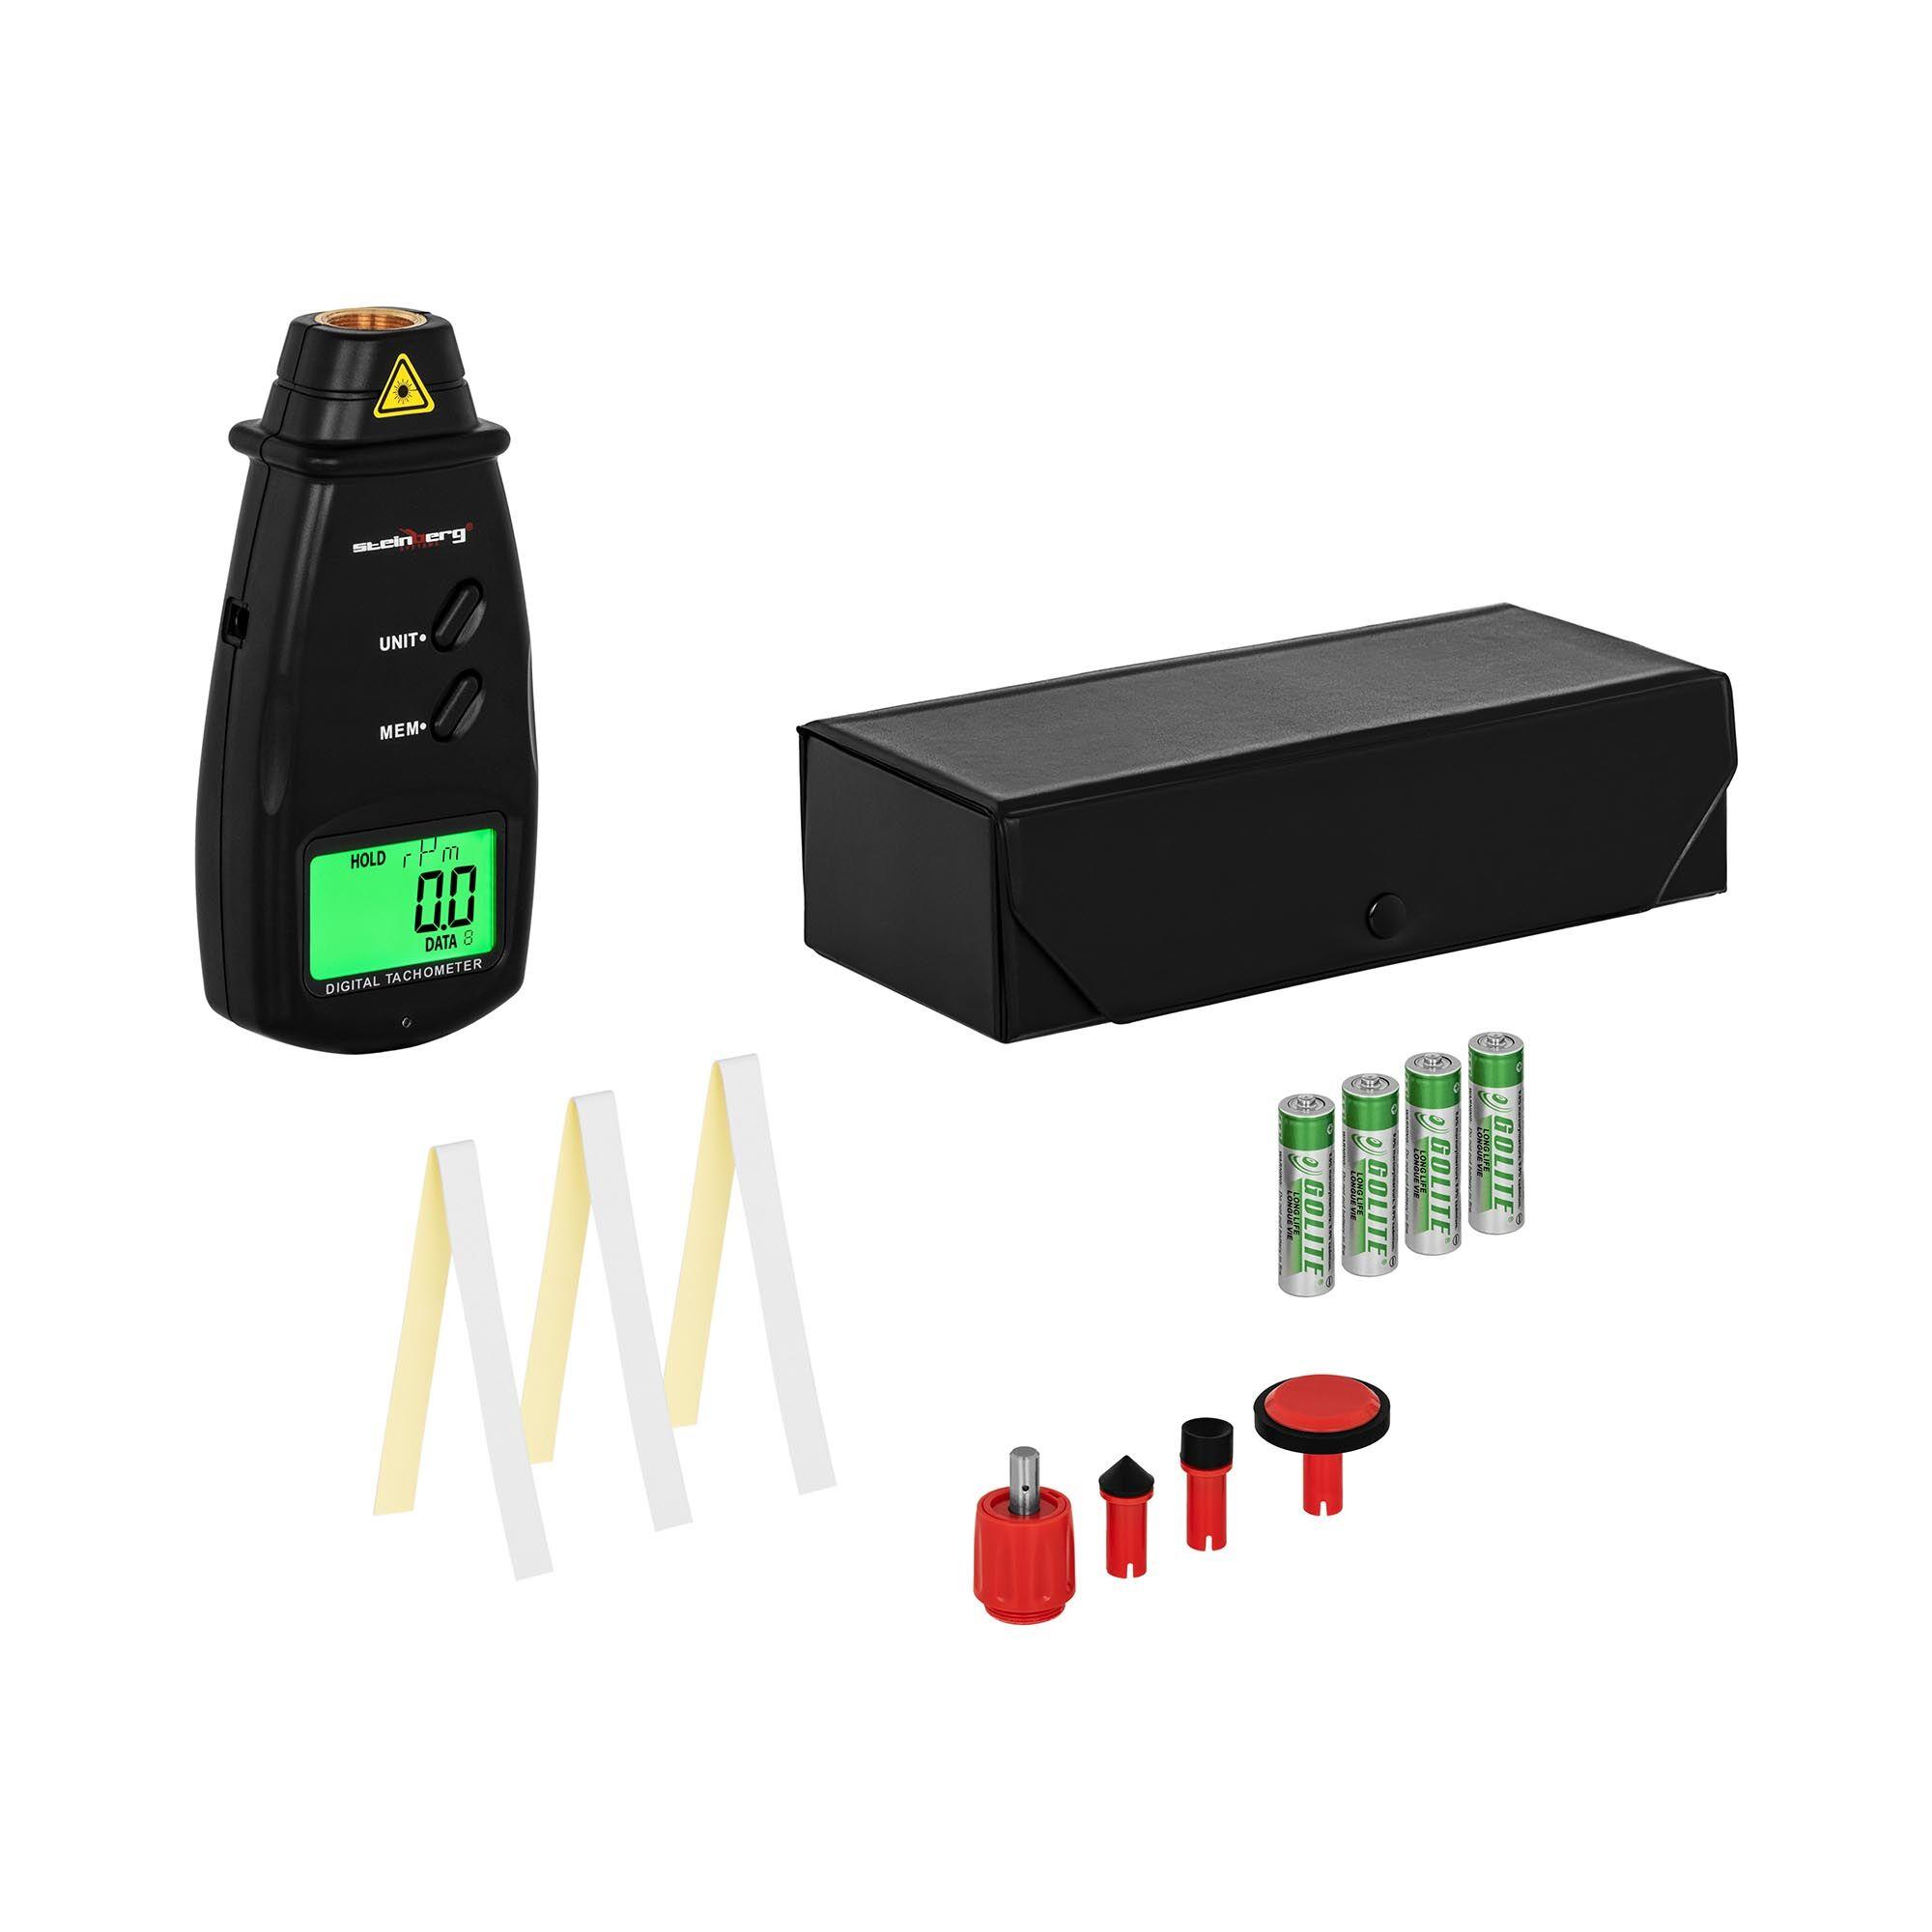 Steinberg Tachimetro infrarossi digitale SBS-DT-999